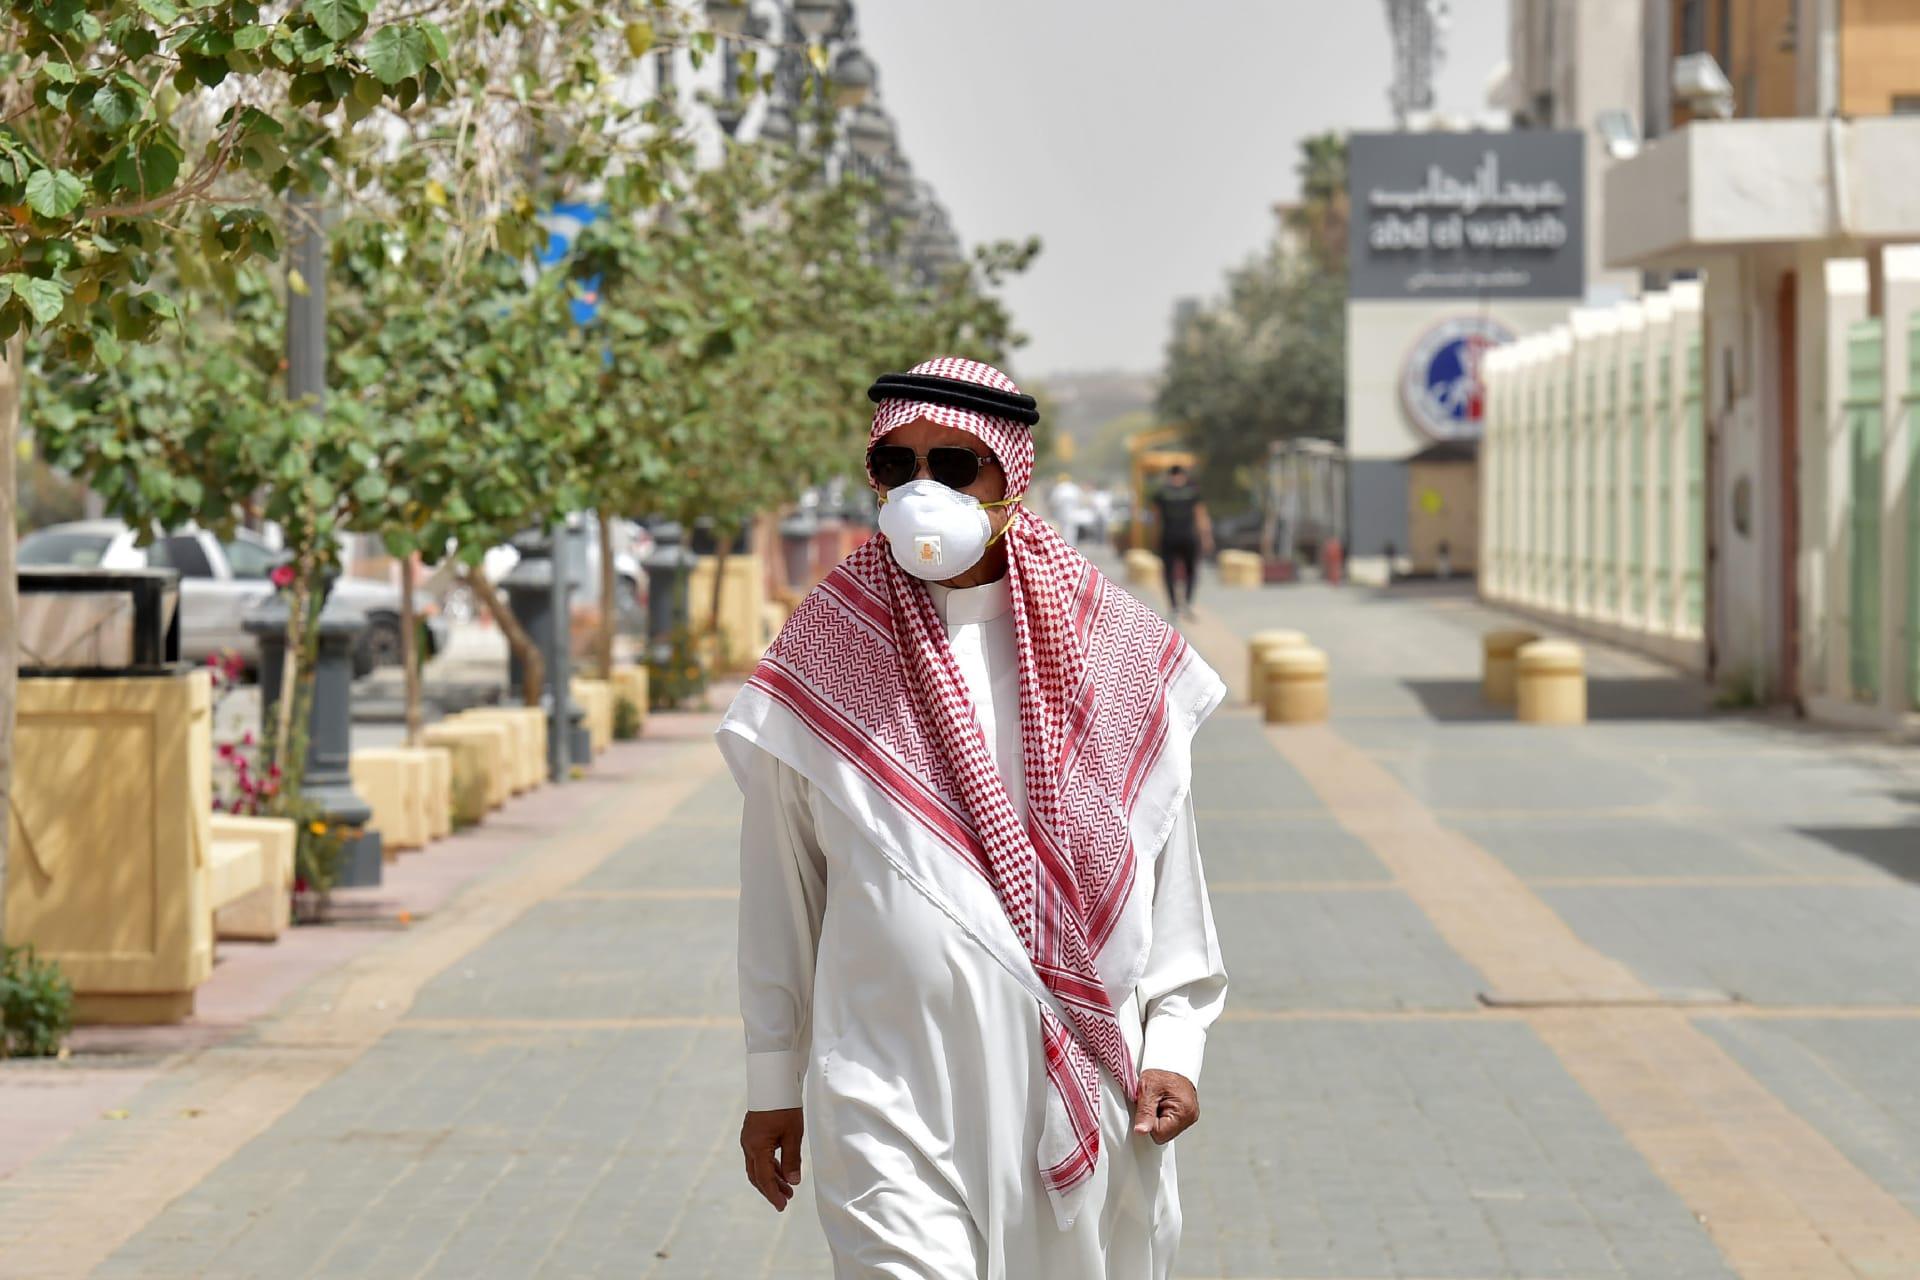 كورونا في السعودية.. ارتفاع بعدد الإصابات وحالات الوفاة والشفاء